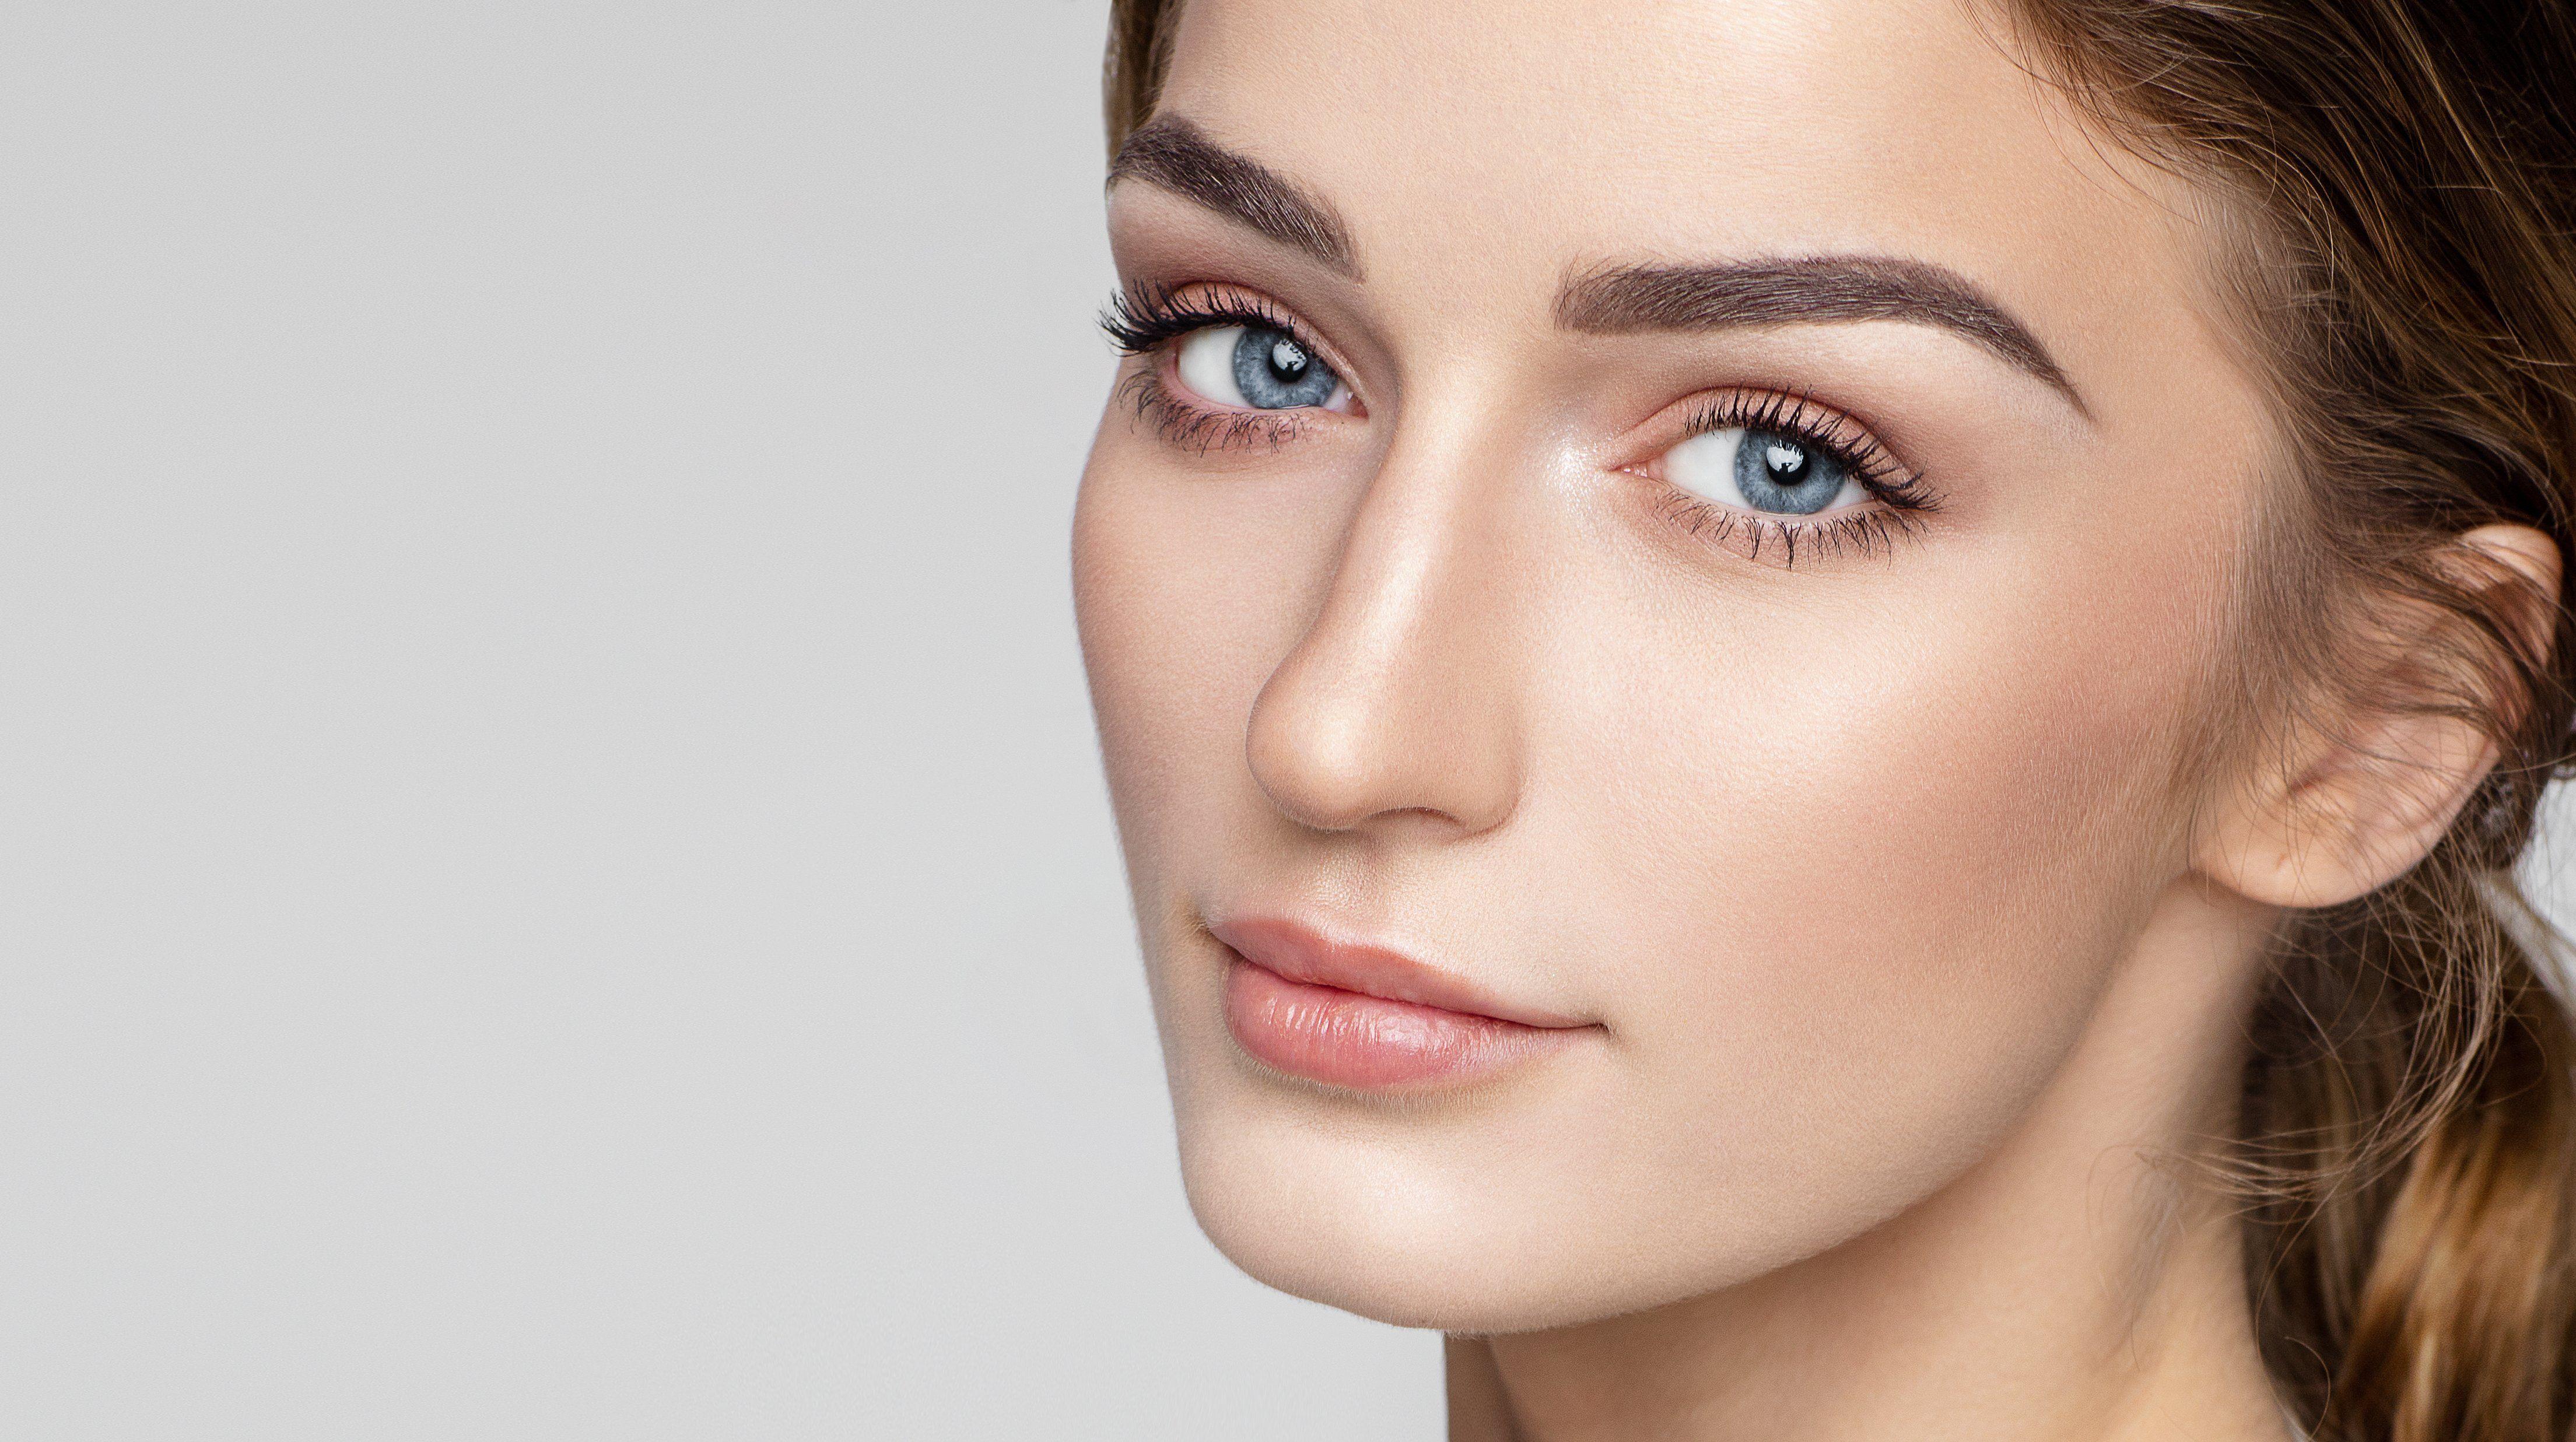 Tarifas tratamientos faciales: Tratamientos de Estetimagen